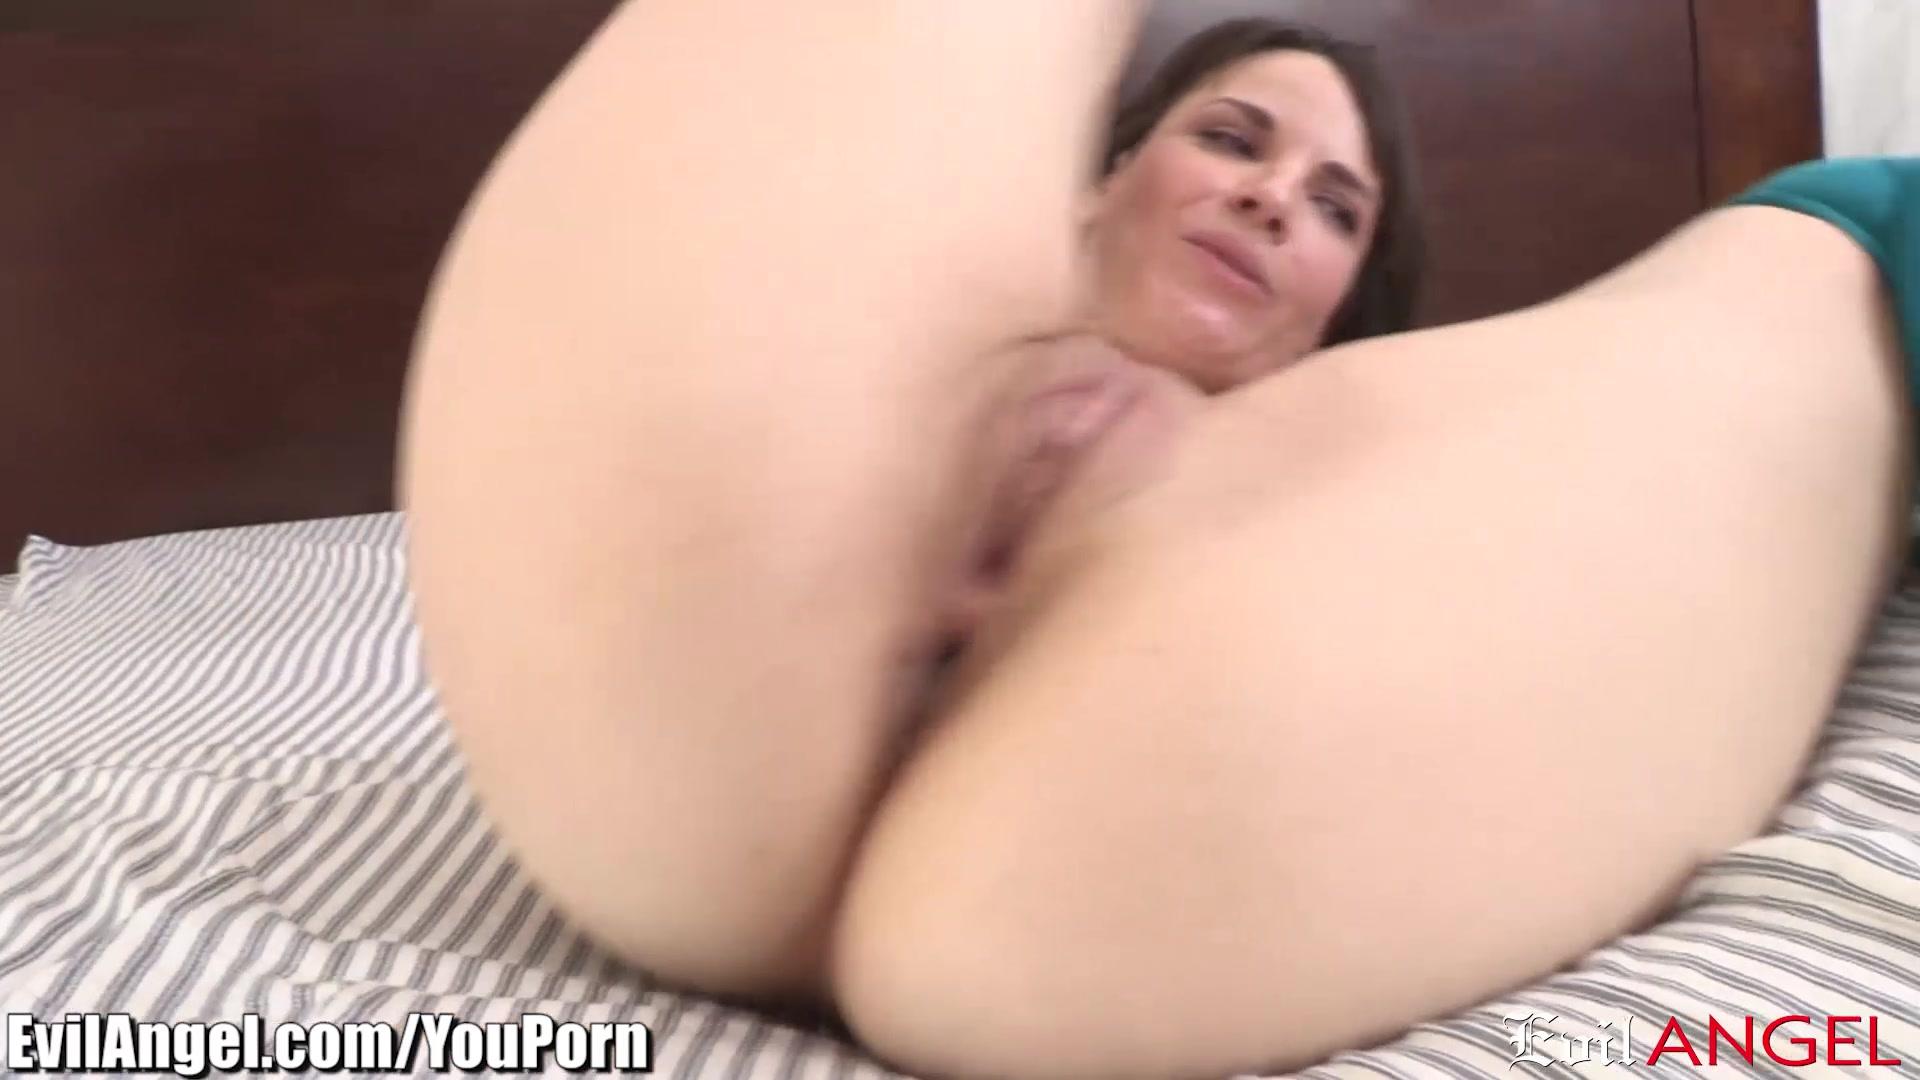 Смотреть порно онлайн анальная мастурбация 18 фотография